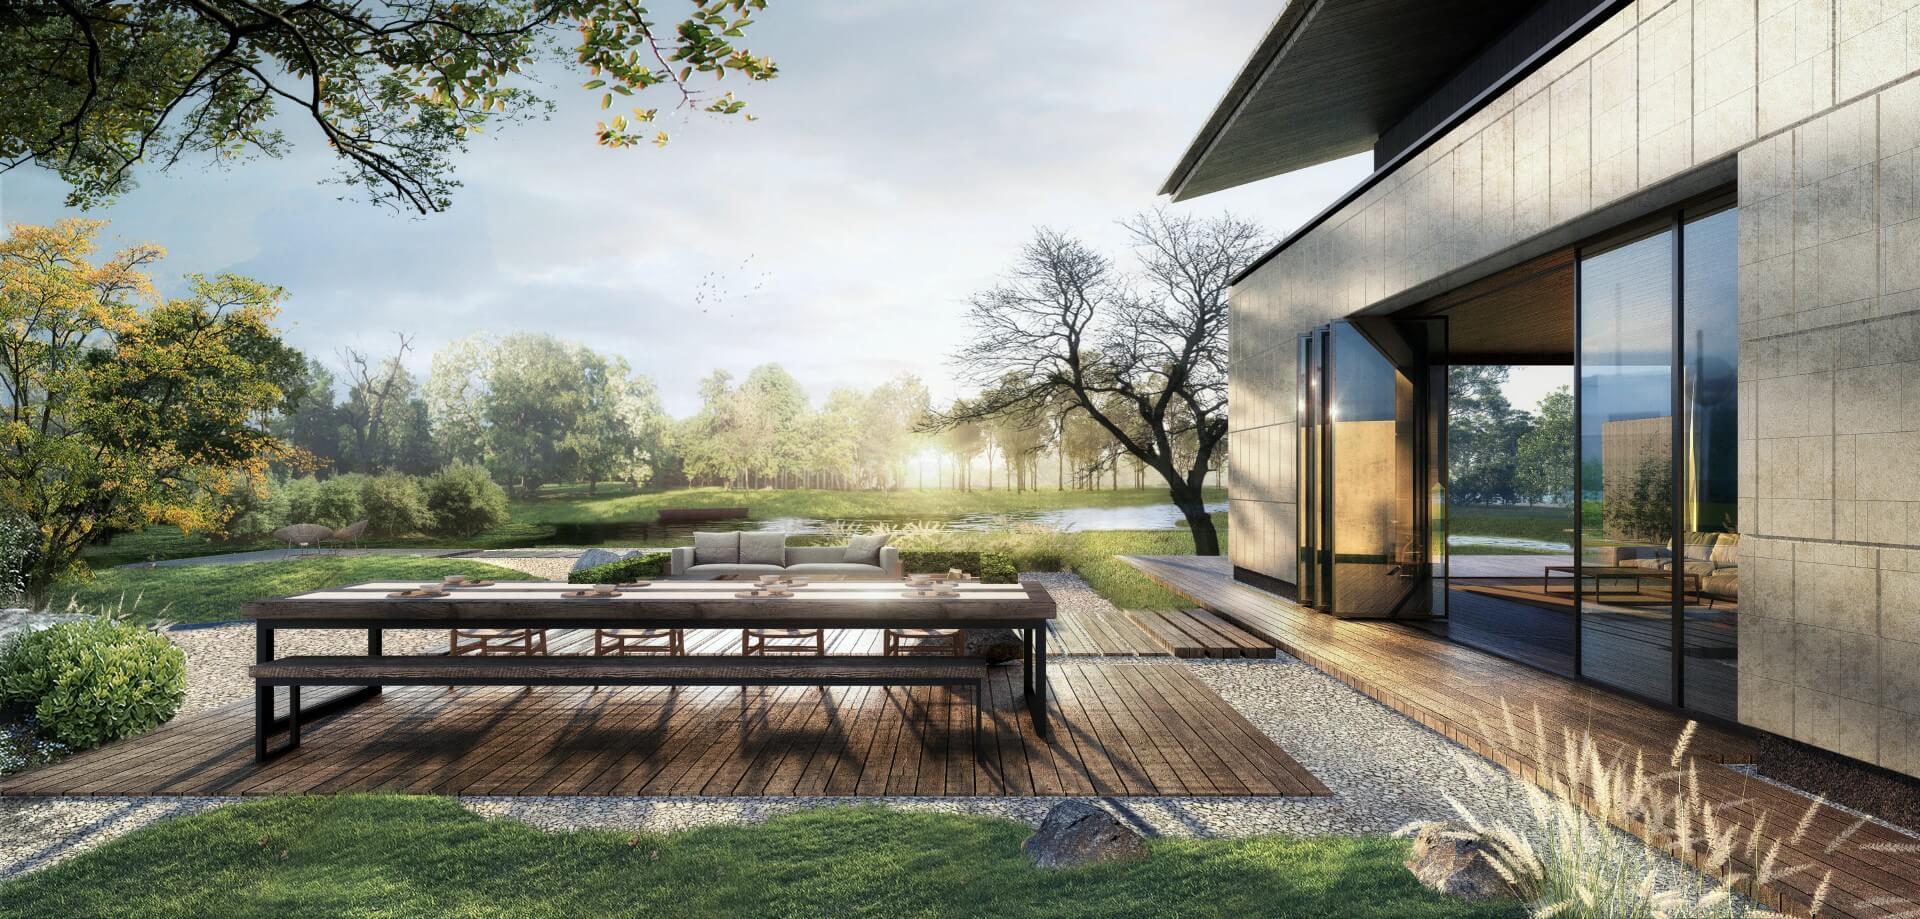 H2019-7-054-广州天华建筑设计有限公司-江南桐乡项目(二)-ljj-rs-拷贝-0806